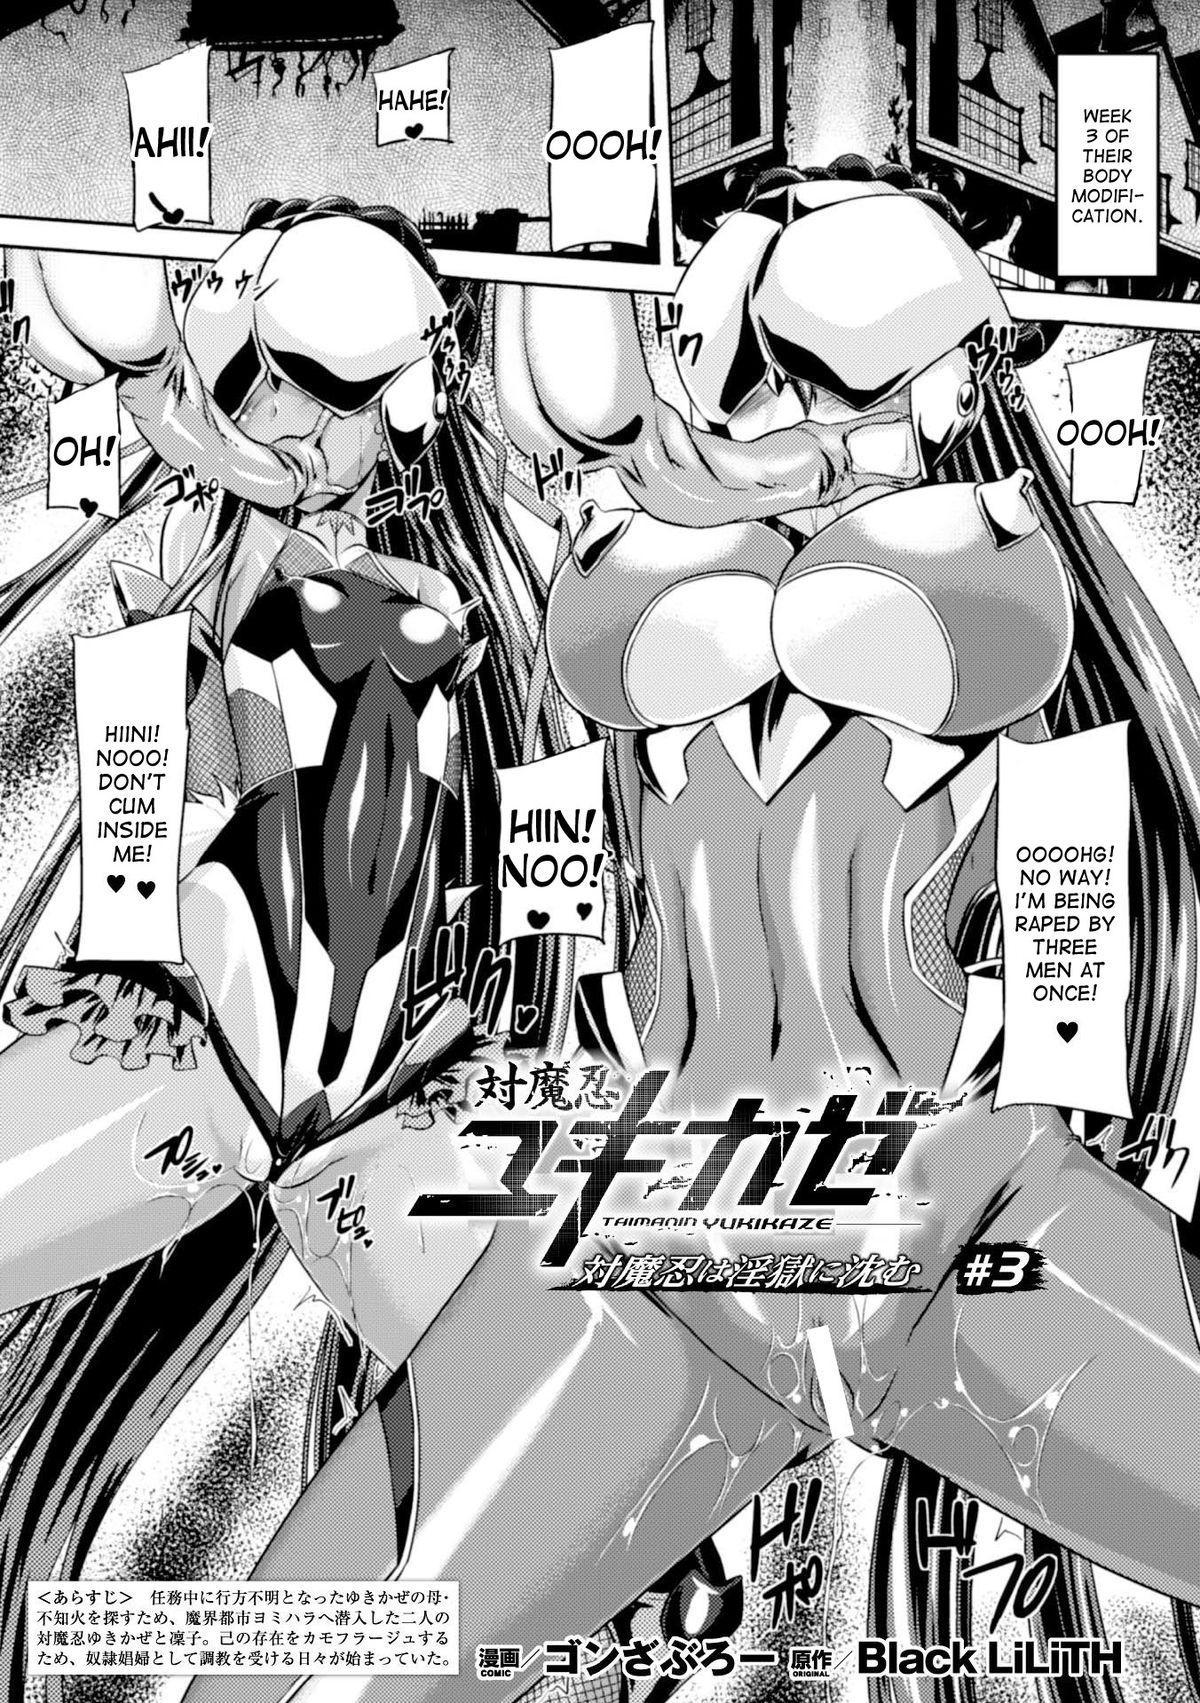 [Gonzaburo-] Taimanin Yukikaze - Taimanin wa Ingoku ni Shizumu #1-6 | Taimanin Yukikaze - Taimanin's fall into the lewd hell #1-5 [English] [desudesu] [Digital] 34